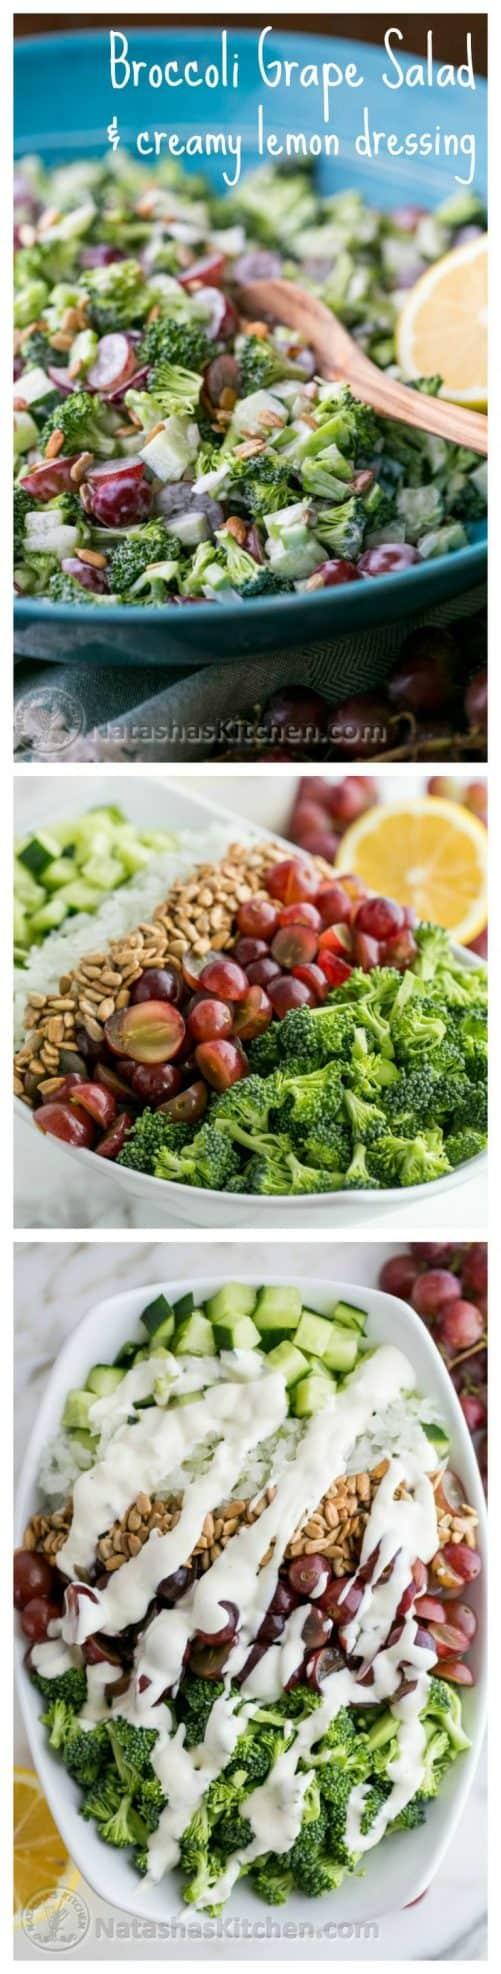 Broccoli Grape Cucumber Salad Natasha's Kitchen